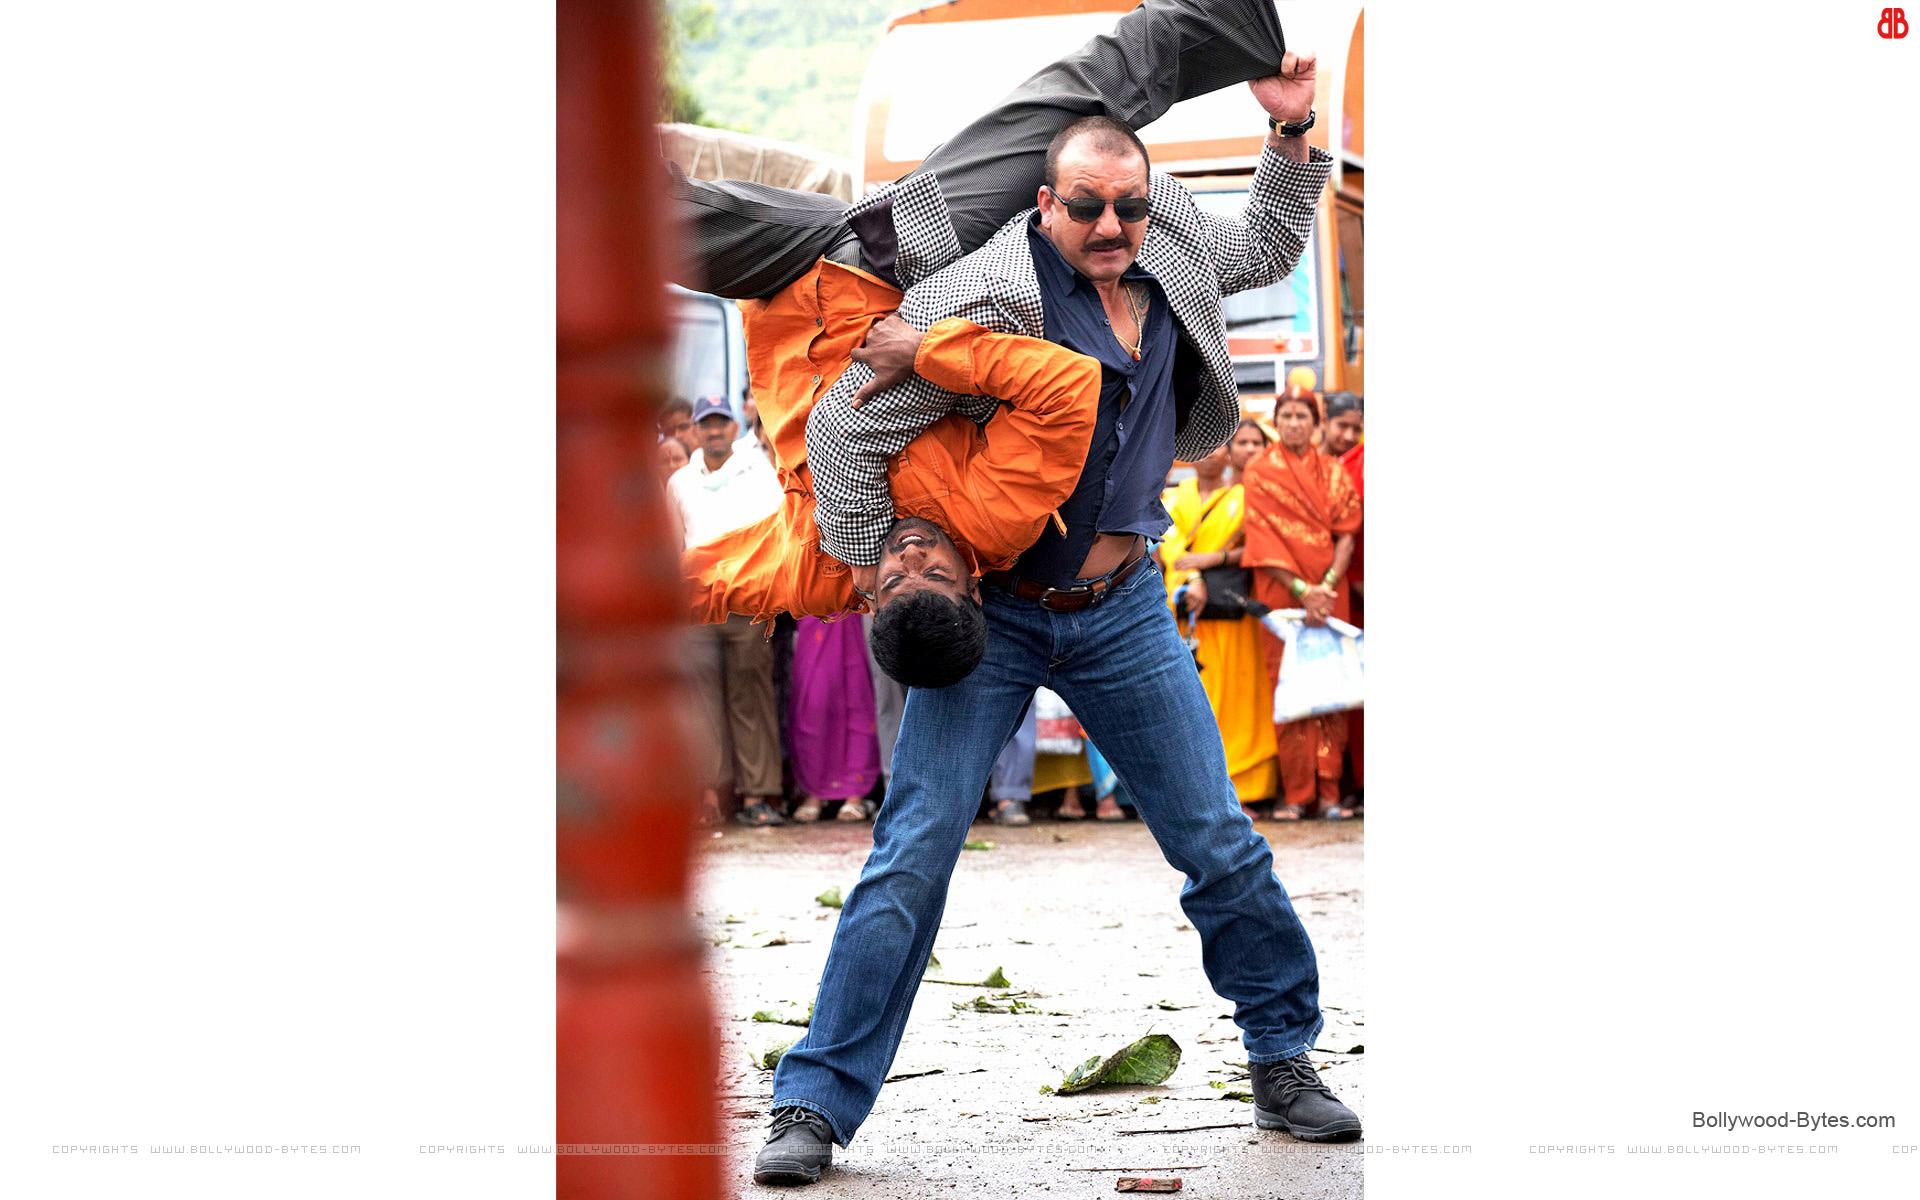 http://3.bp.blogspot.com/-vhNC0CQAcgo/UR8fOc5e-bI/AAAAAAAAbMc/n-xrjwpRnsU/s1920/Zila-Ghaziabad-+Sanjay-Dutt-HD-Wallpaper-05.jpg